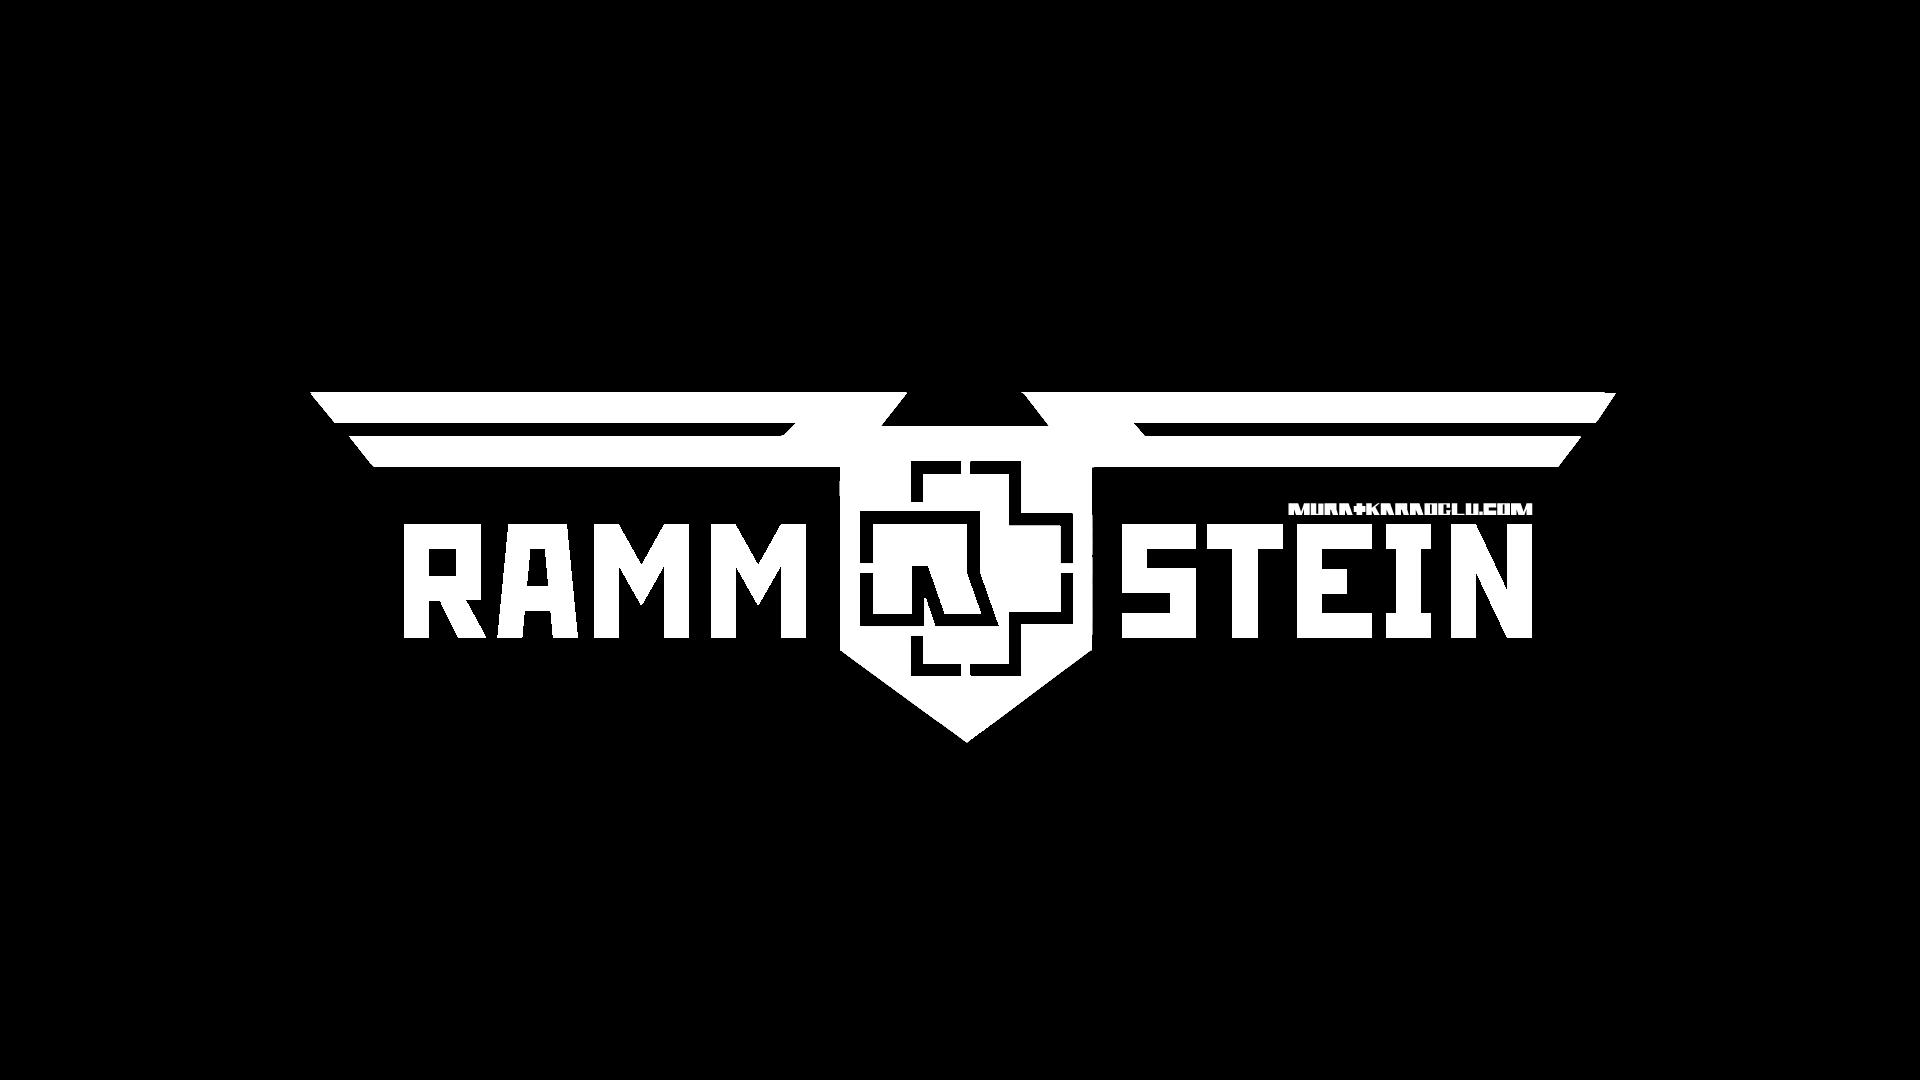 78 Rammstein Backgrounds On Wallpapersafari - decal roblox ids dubstep wallpaper